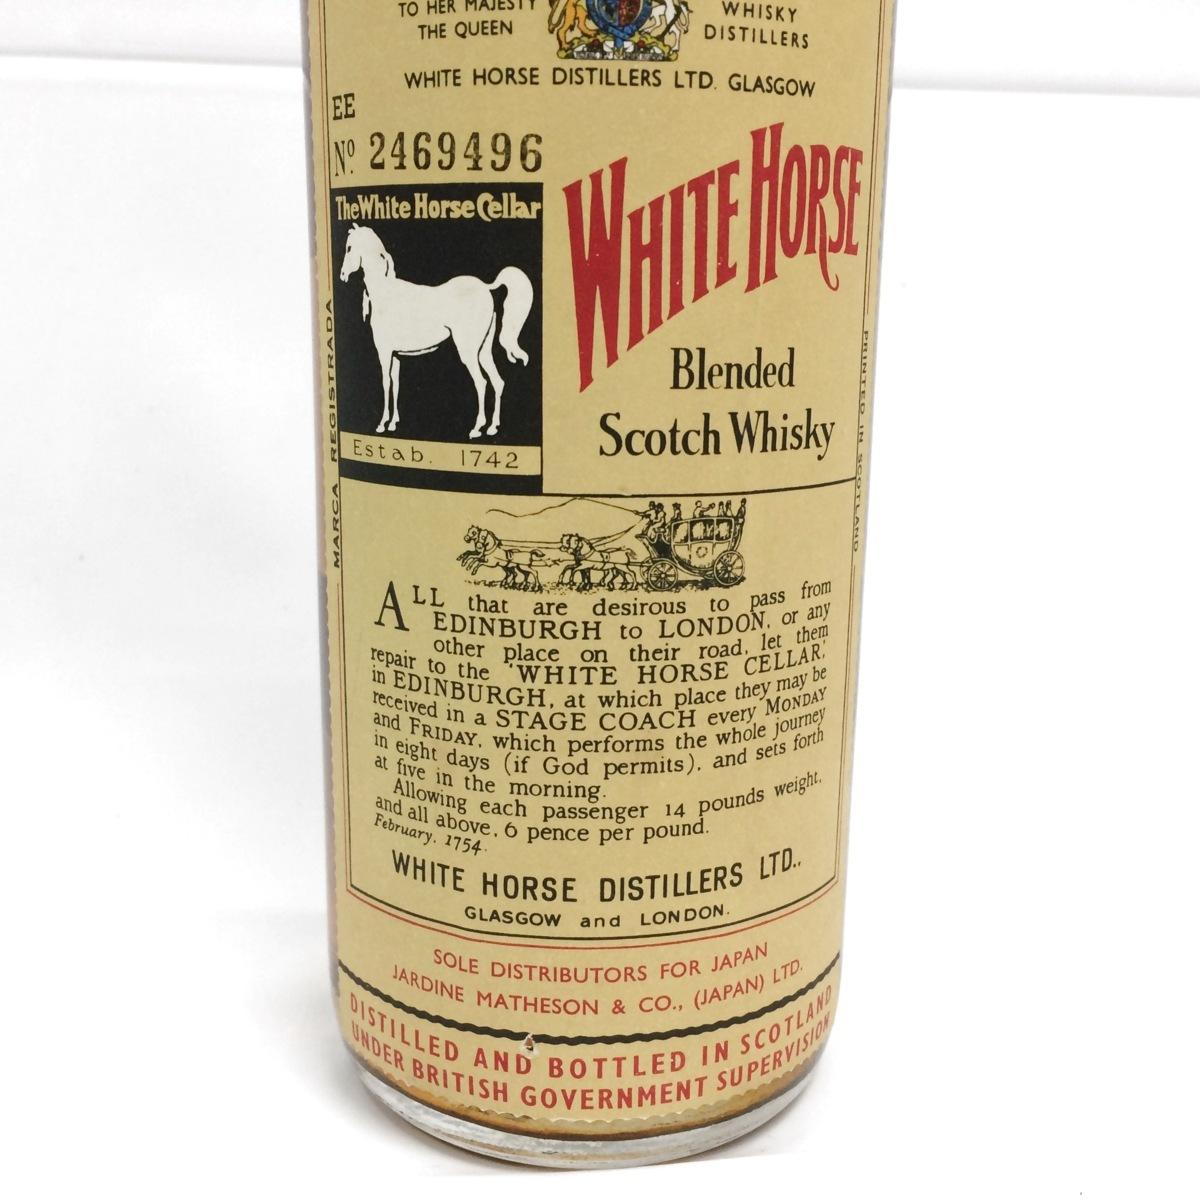 7-1973古酒・未開栓 ホワイトホース ヴィンテージ ティンキャップ スコッチウィスキー 760ml 43%特級 セラー表記_画像2